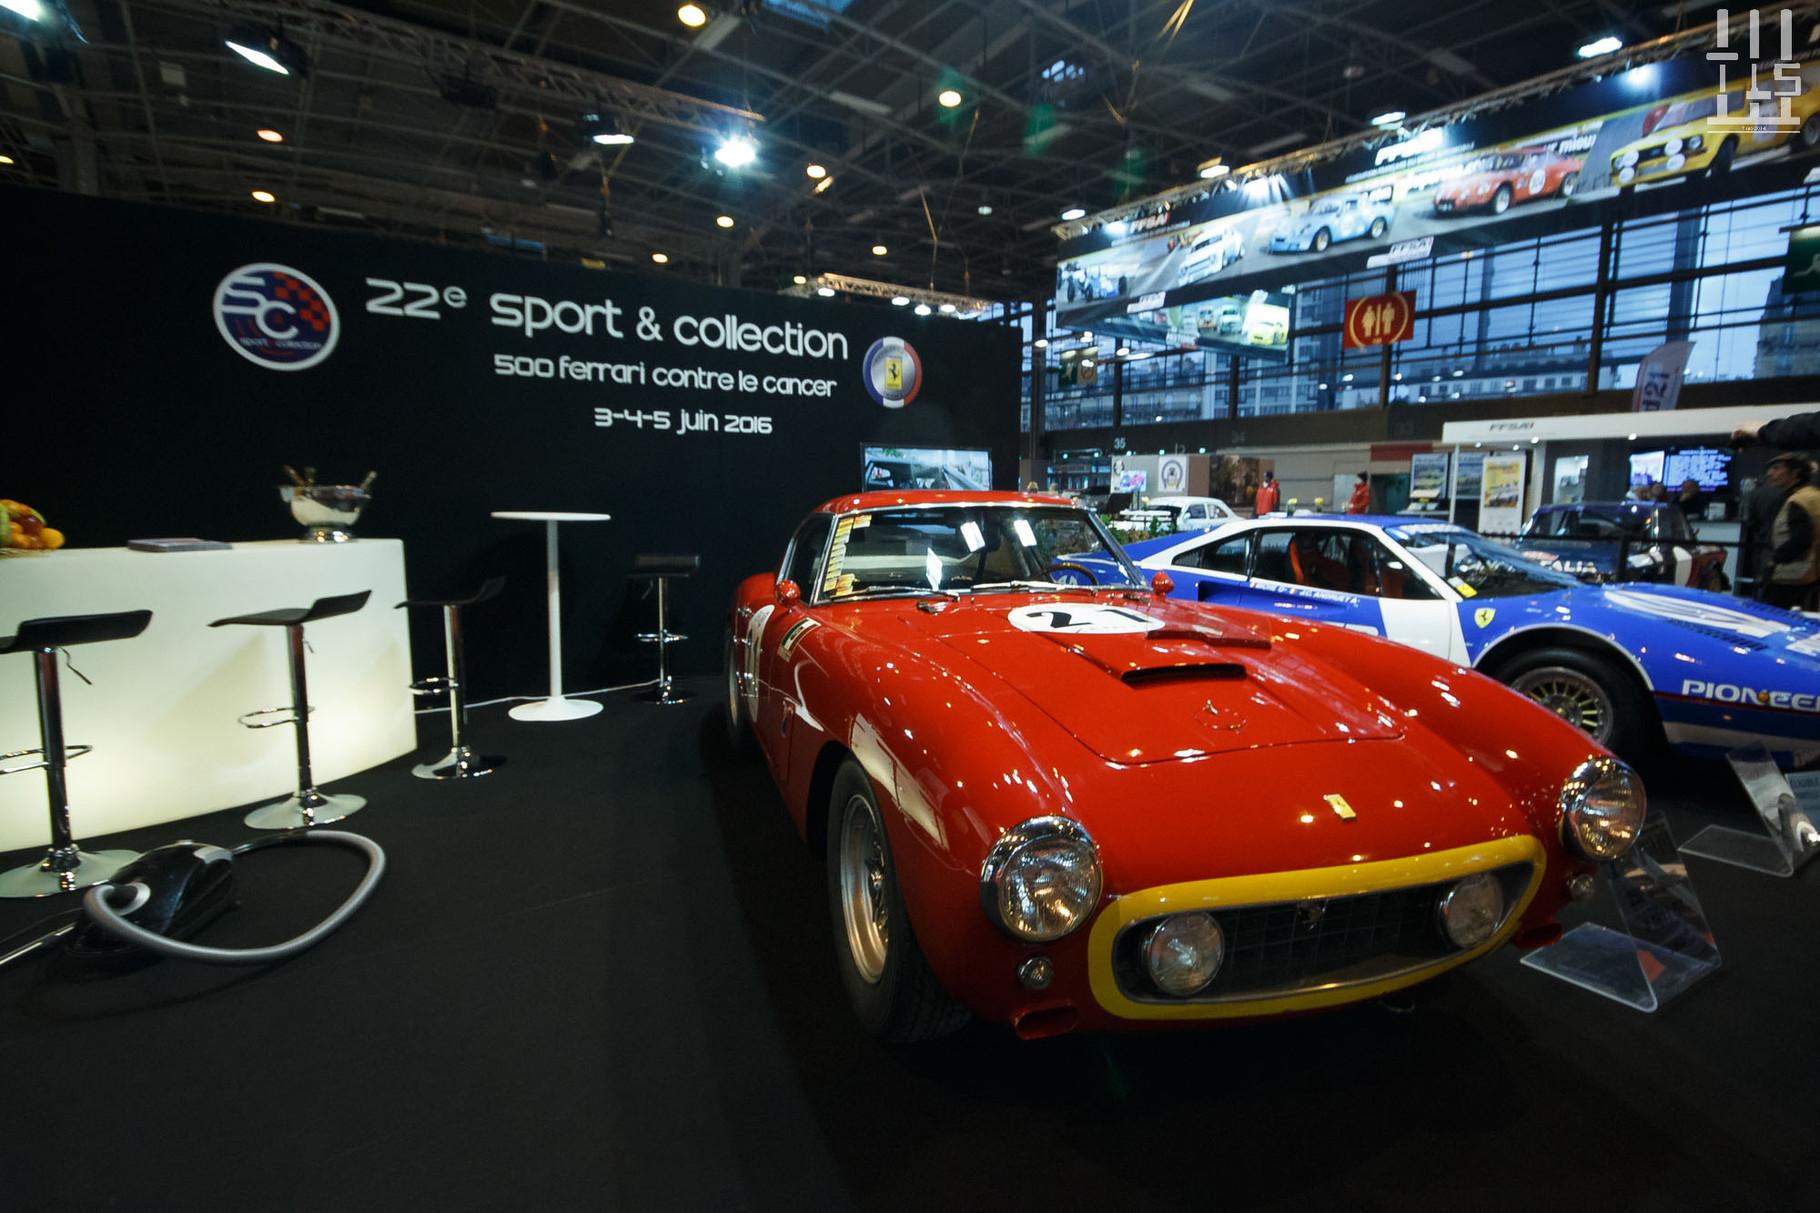 La Ferrari 250 GT SWB de Clive Joy s'expose sur le stand des 500 Ferrari contre le Cancer.